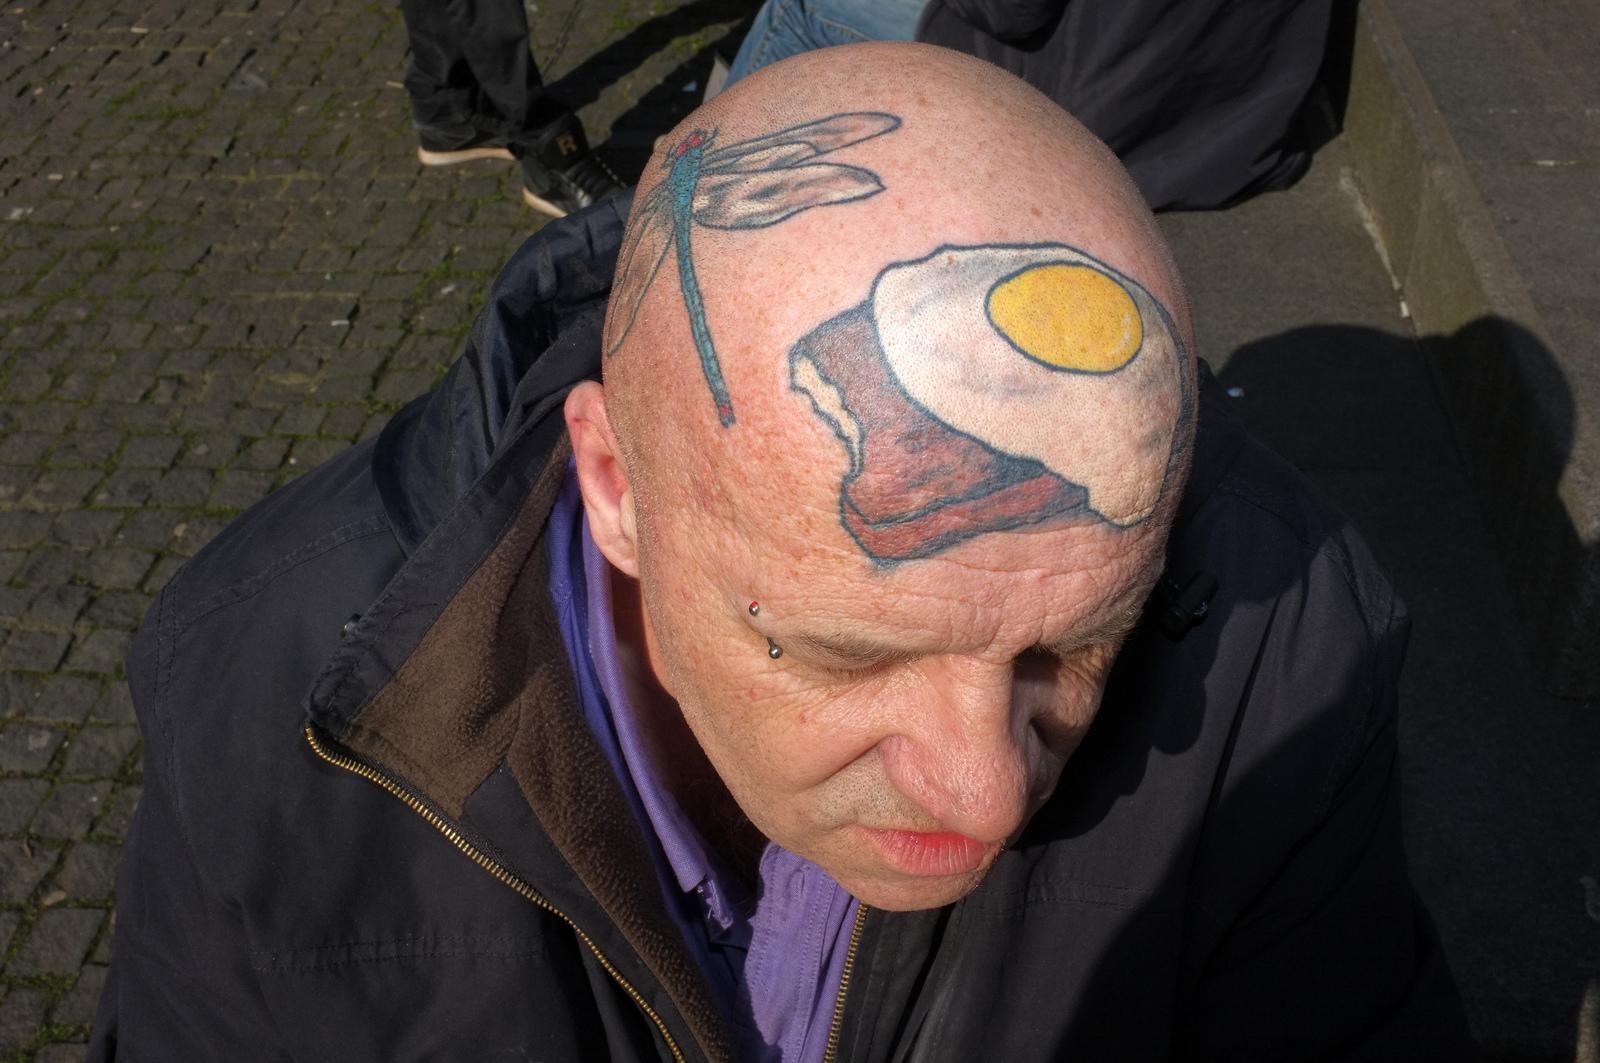 Татуировки смешные картинки